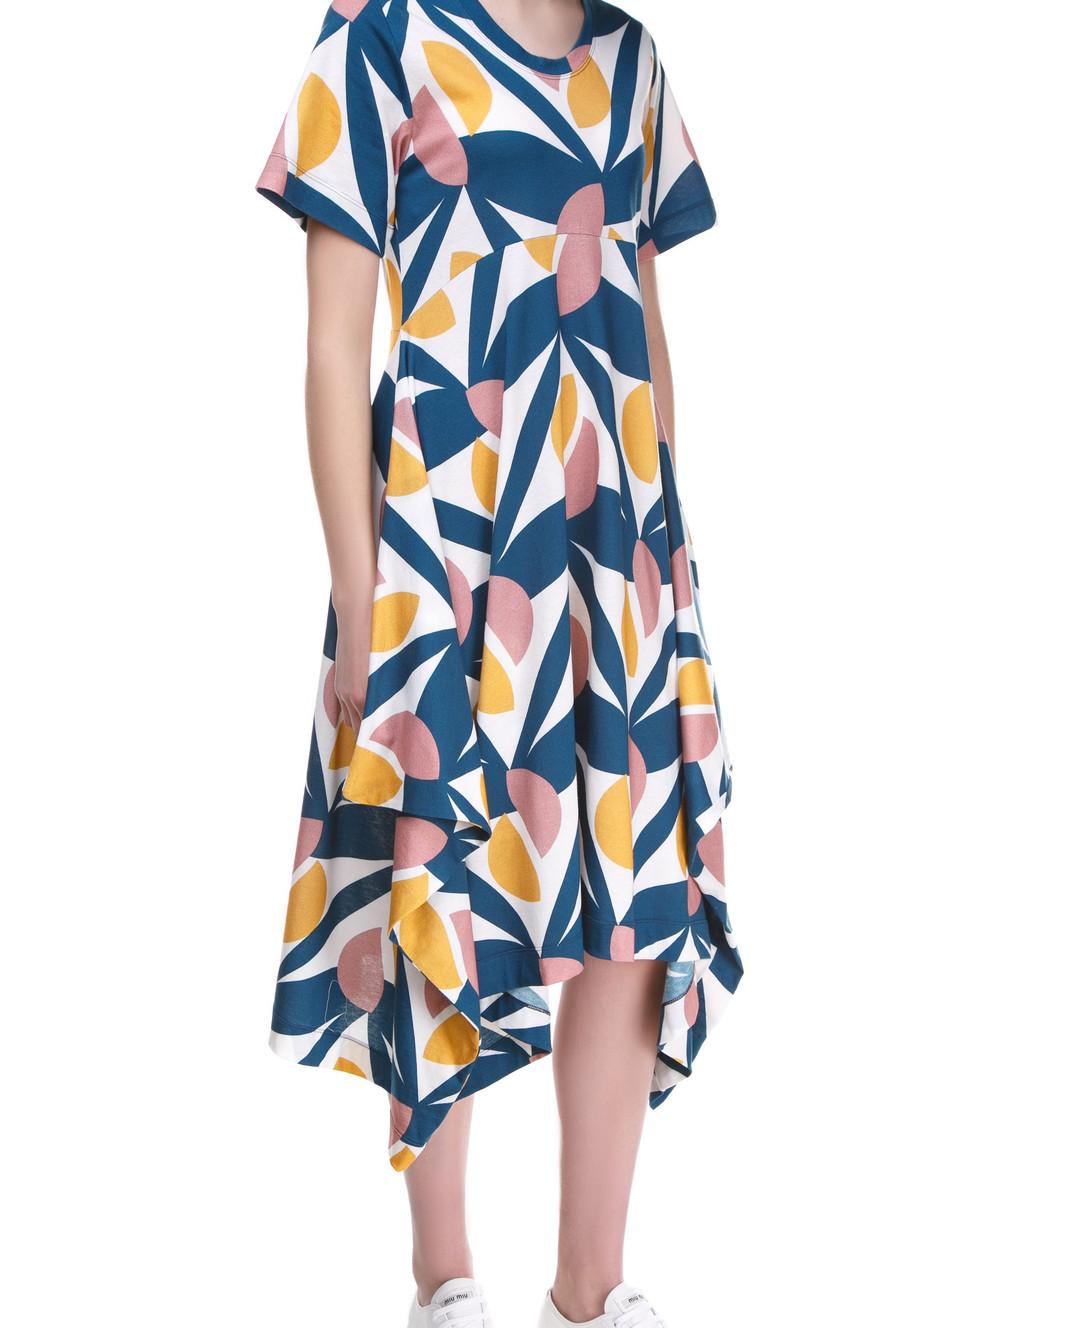 Tak.Ori Синее платье DR229 изображение 3